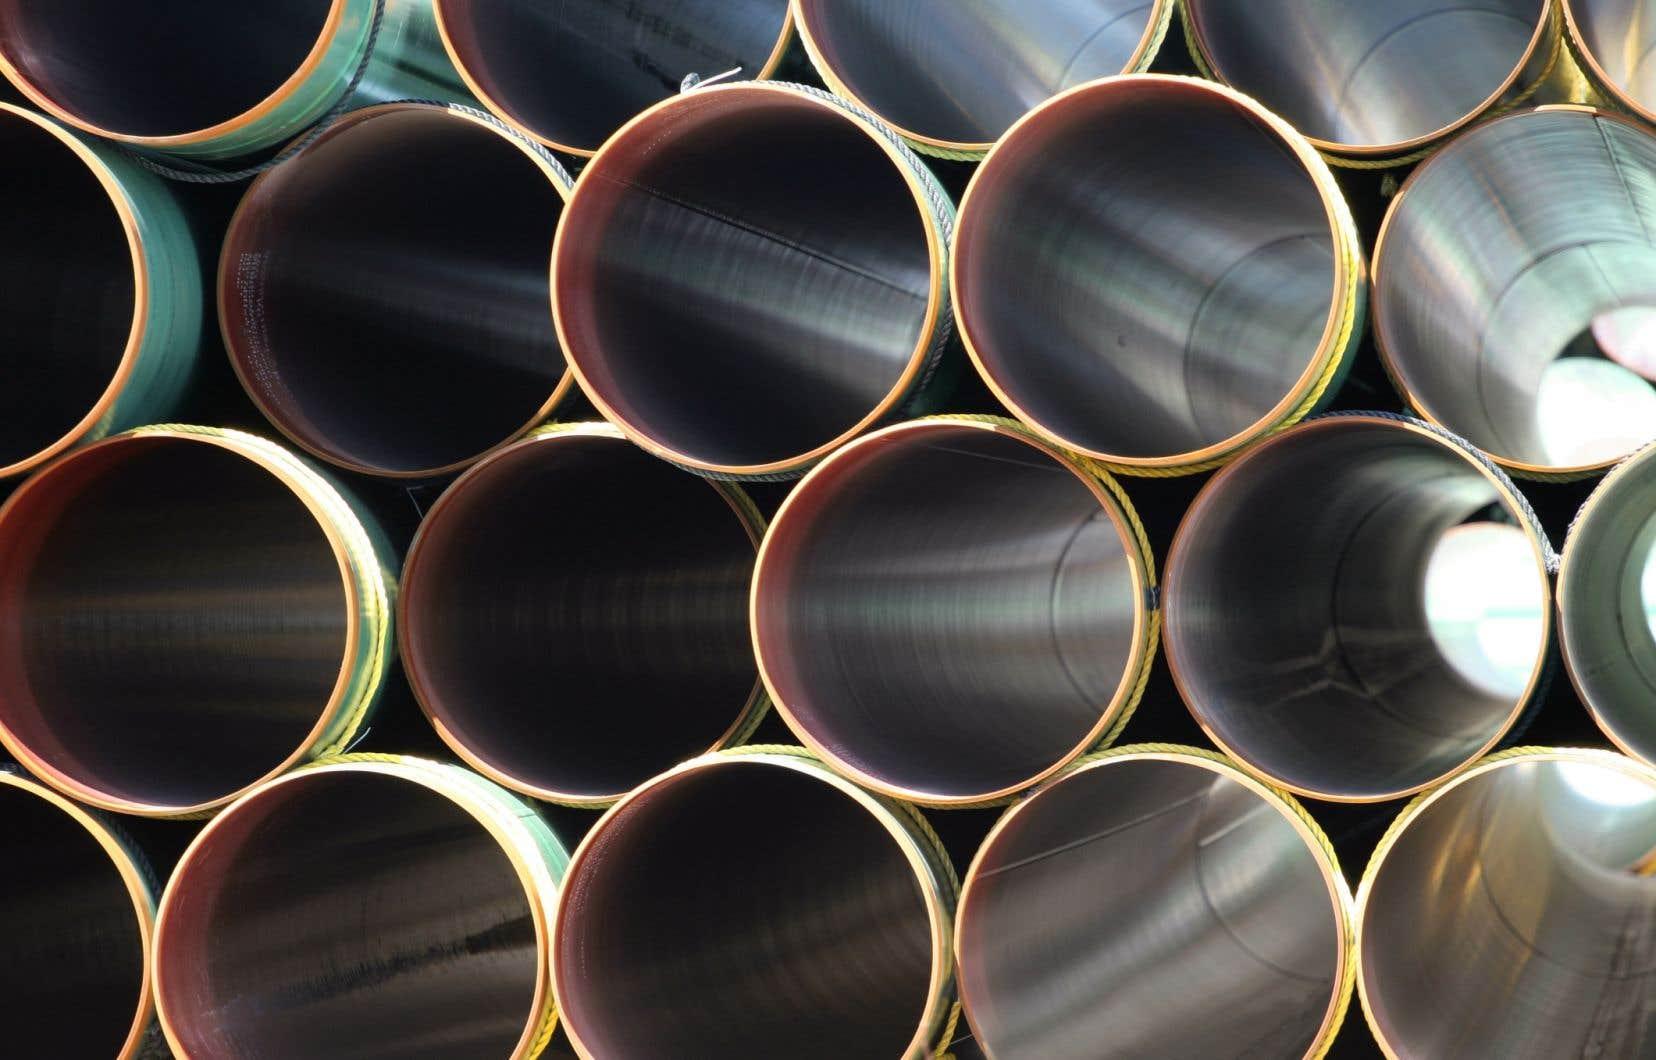 <p>Le futur gazoduc de 780 kilomètrestraversera l'Abitibi, avant de se rendre au Saguenay. Il servira à transporter le gaz naturel albertain qui sera liquéfié à l'usine Énergie Saguenay, de GNLQuébec.</p>